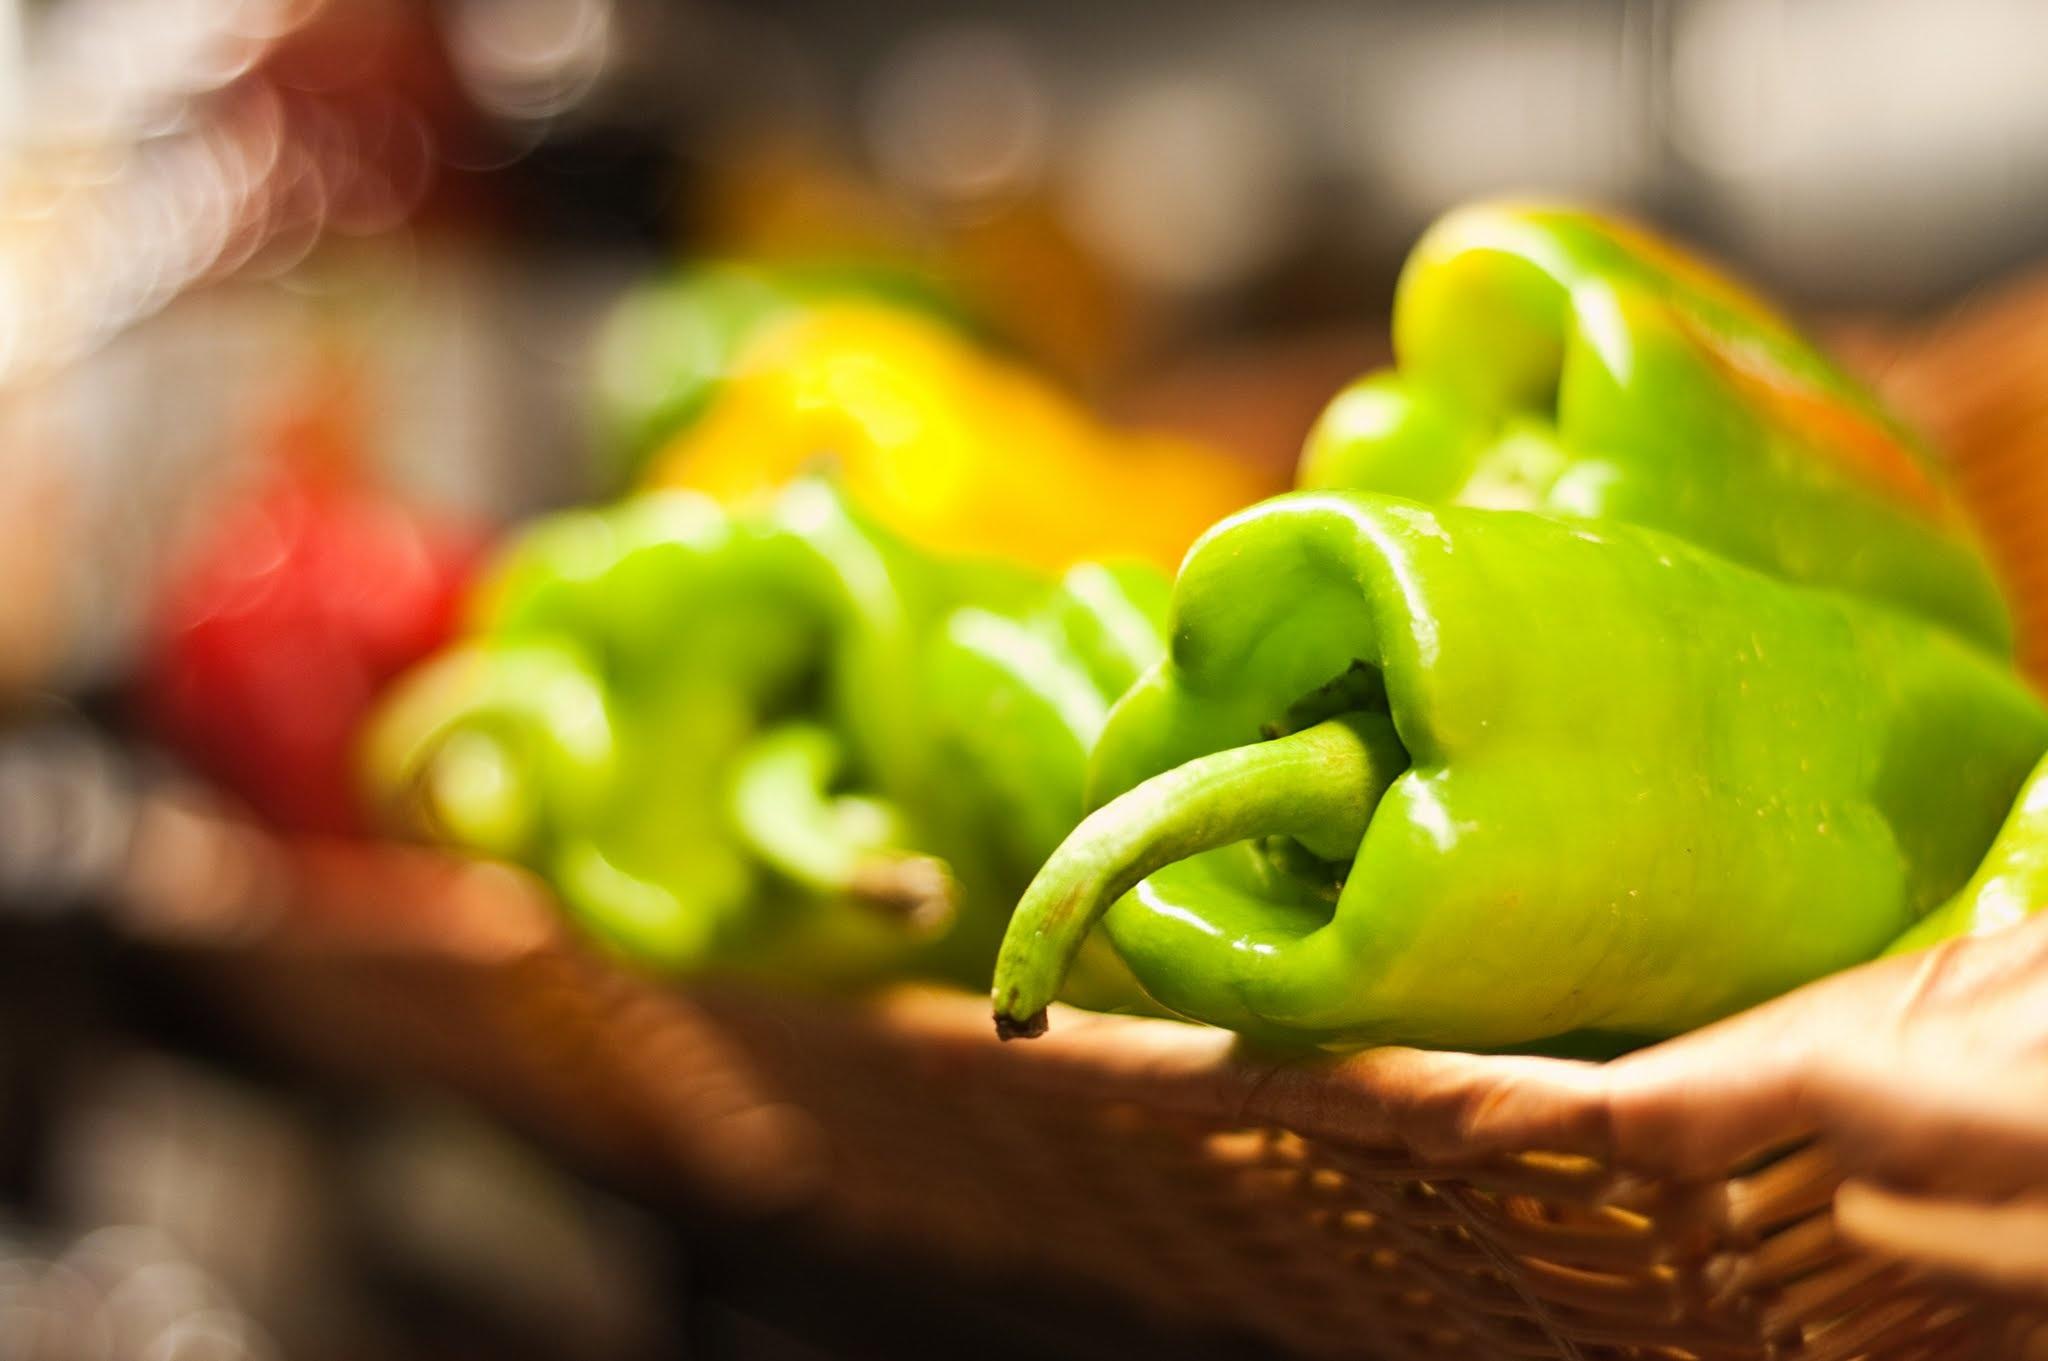 Fotos gratis : plato, verde, especia, chile, rojo, ingrediente ...